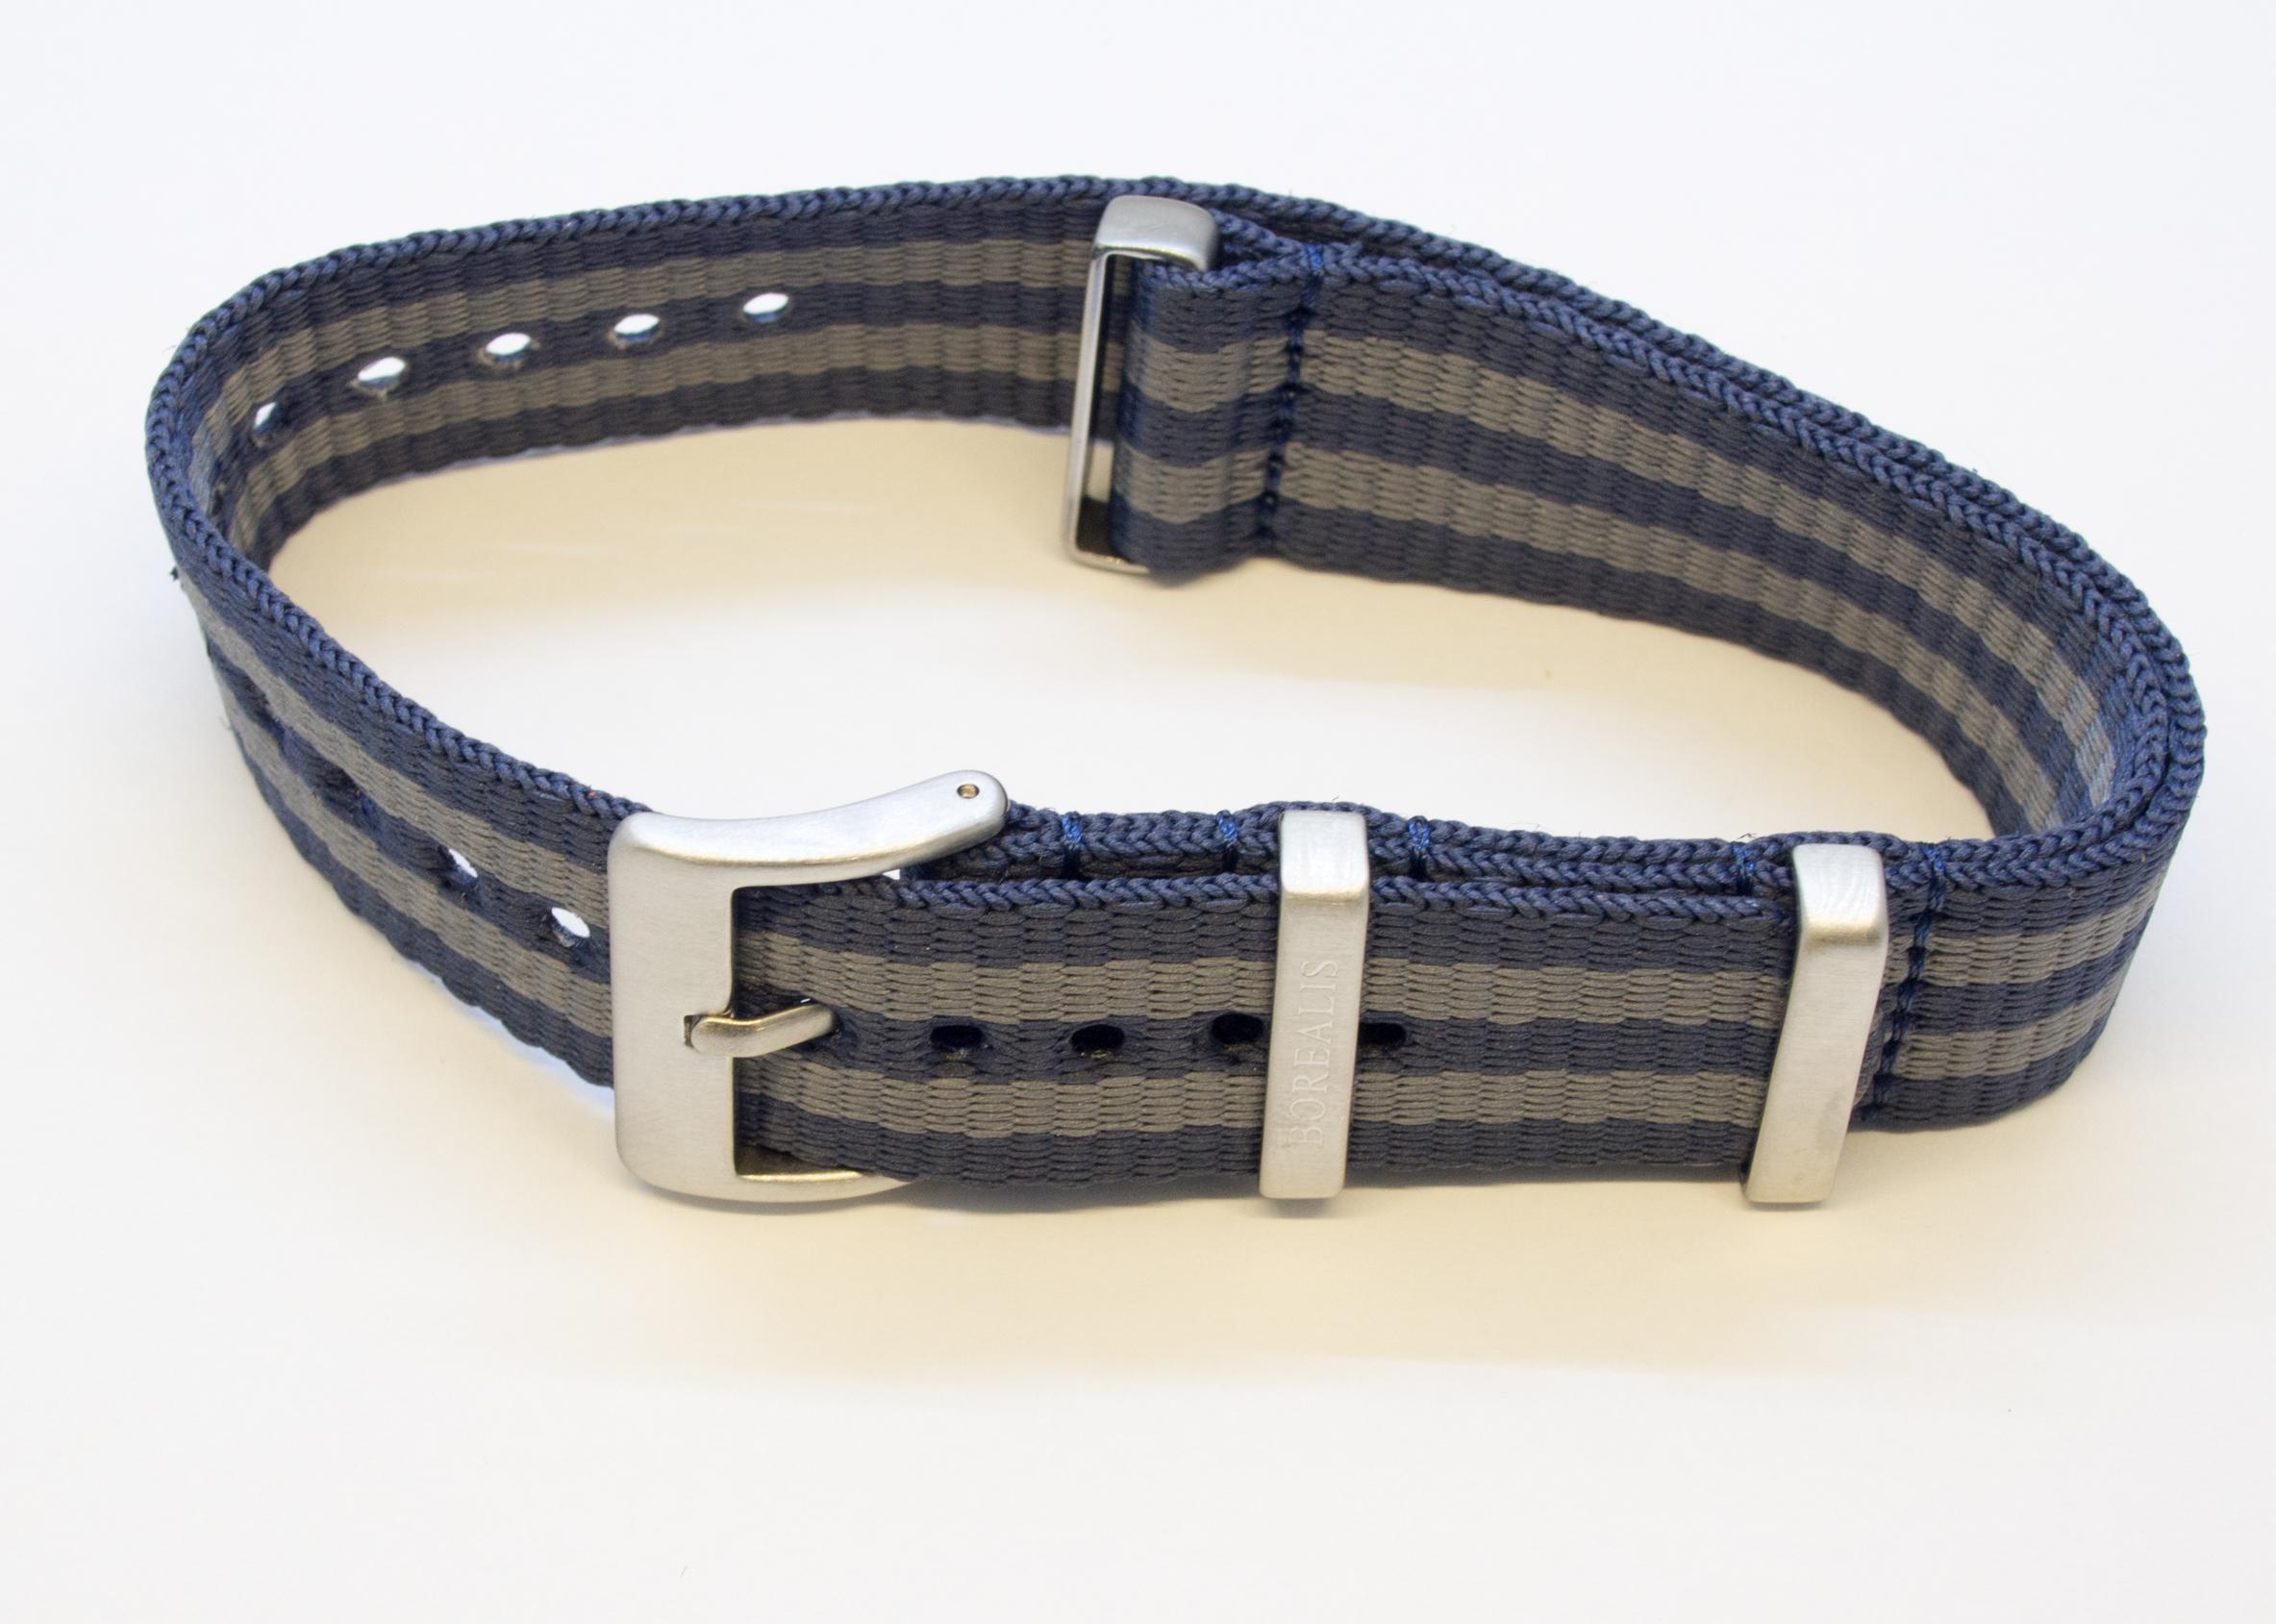 Borealis Nato Style Premium Nylon Strap 20mm Blue Grey